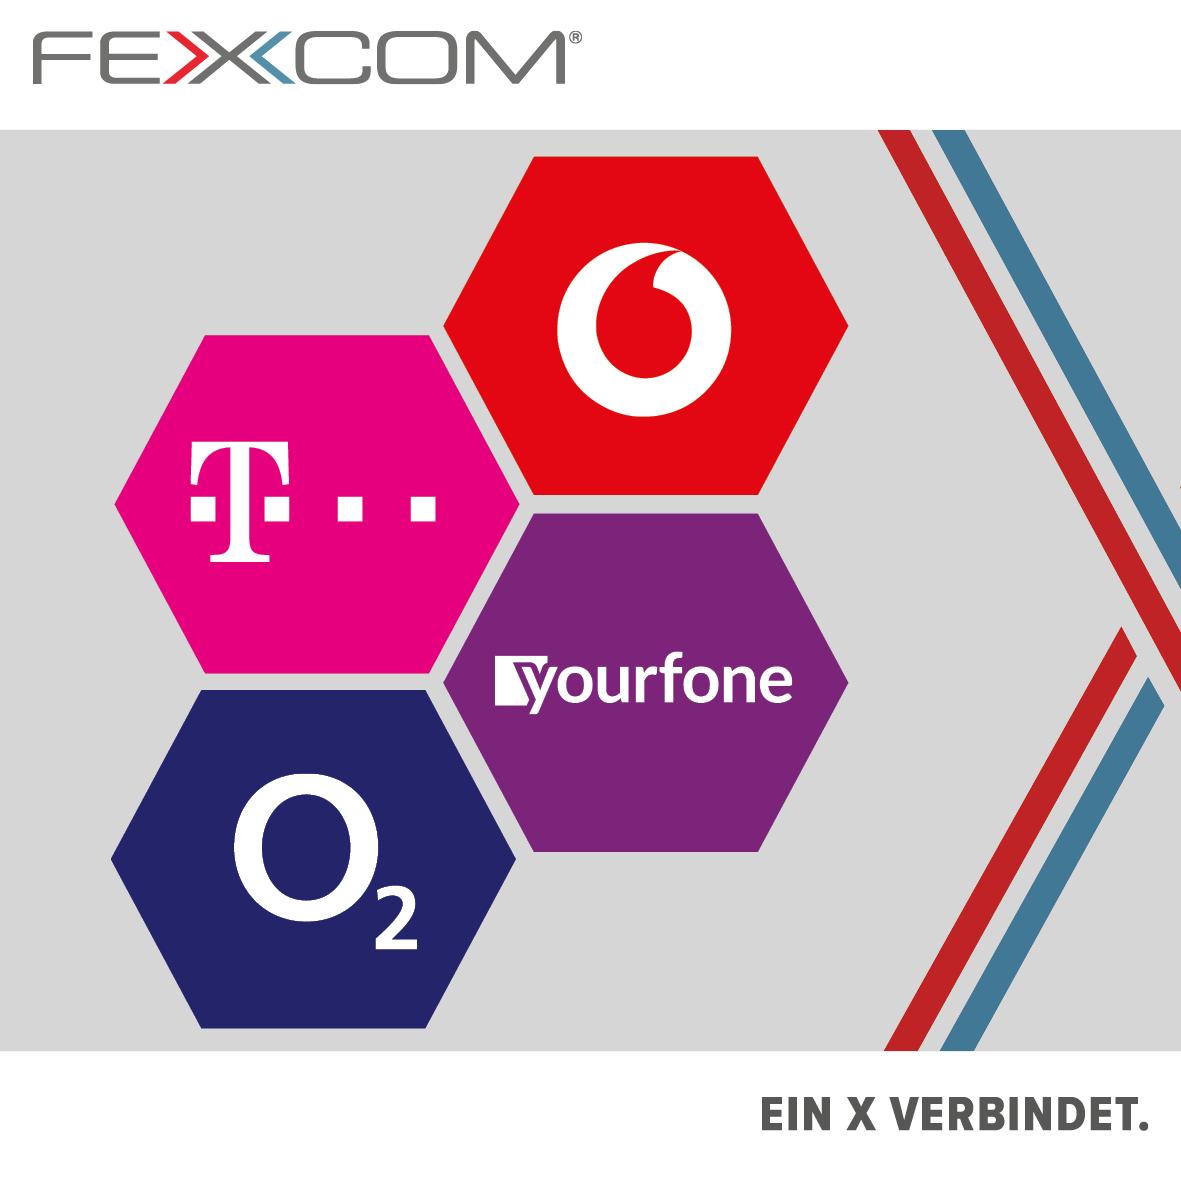 Mobilfunkshop FEXCOM Laatzen